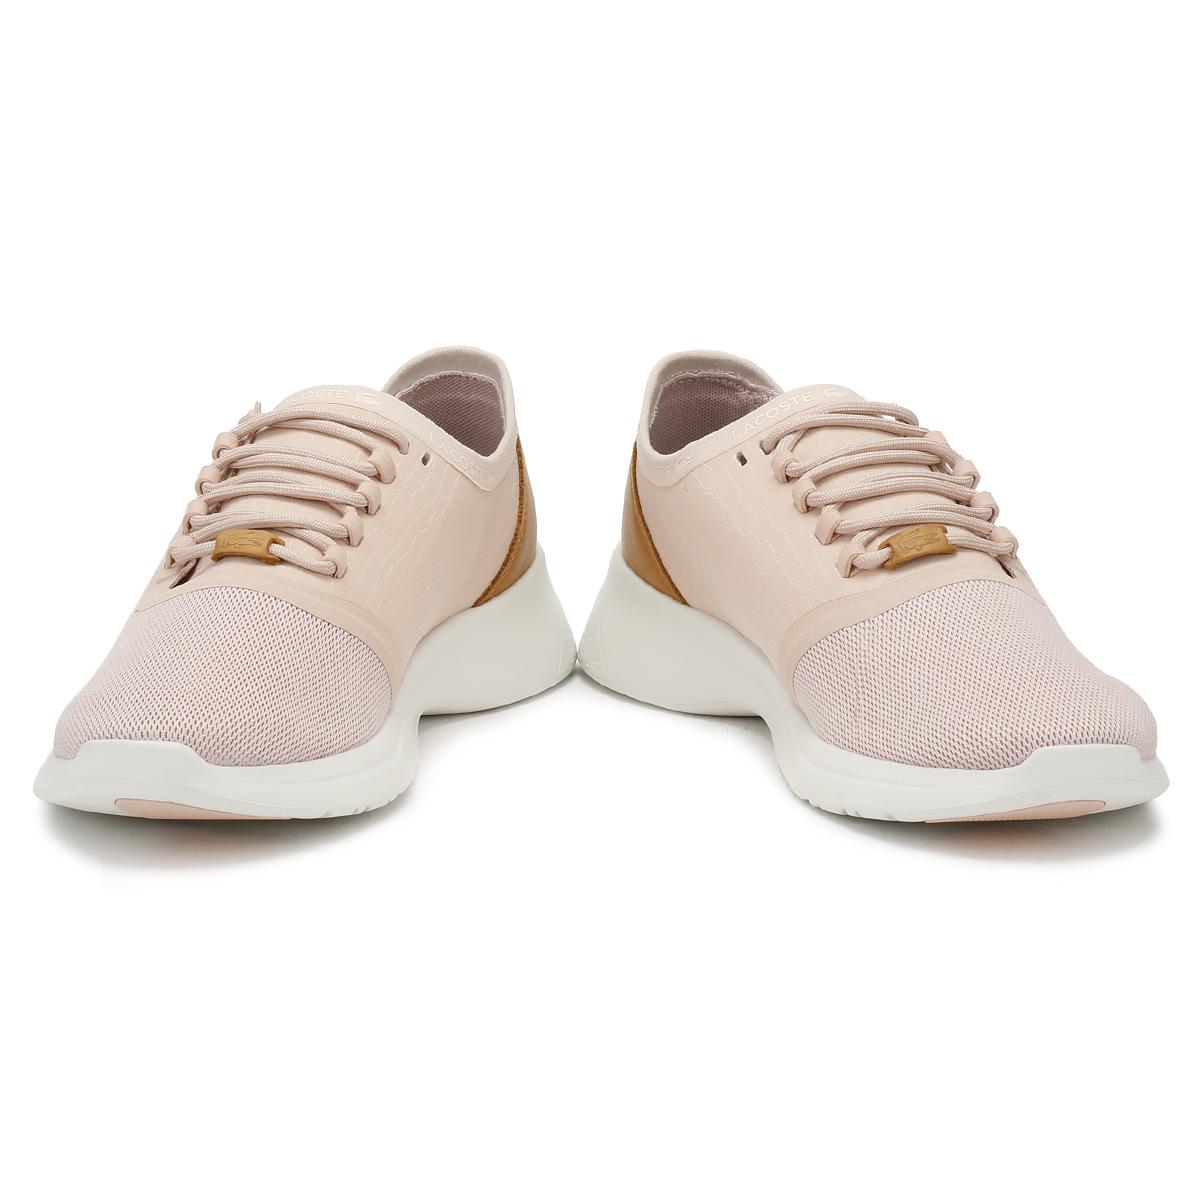 Lacoste Zapatillas mujer para mujer Zapatillas Natural  Off Blanco LT Fit 118 2 Zapatos Con Cordones casuales 71bf6a